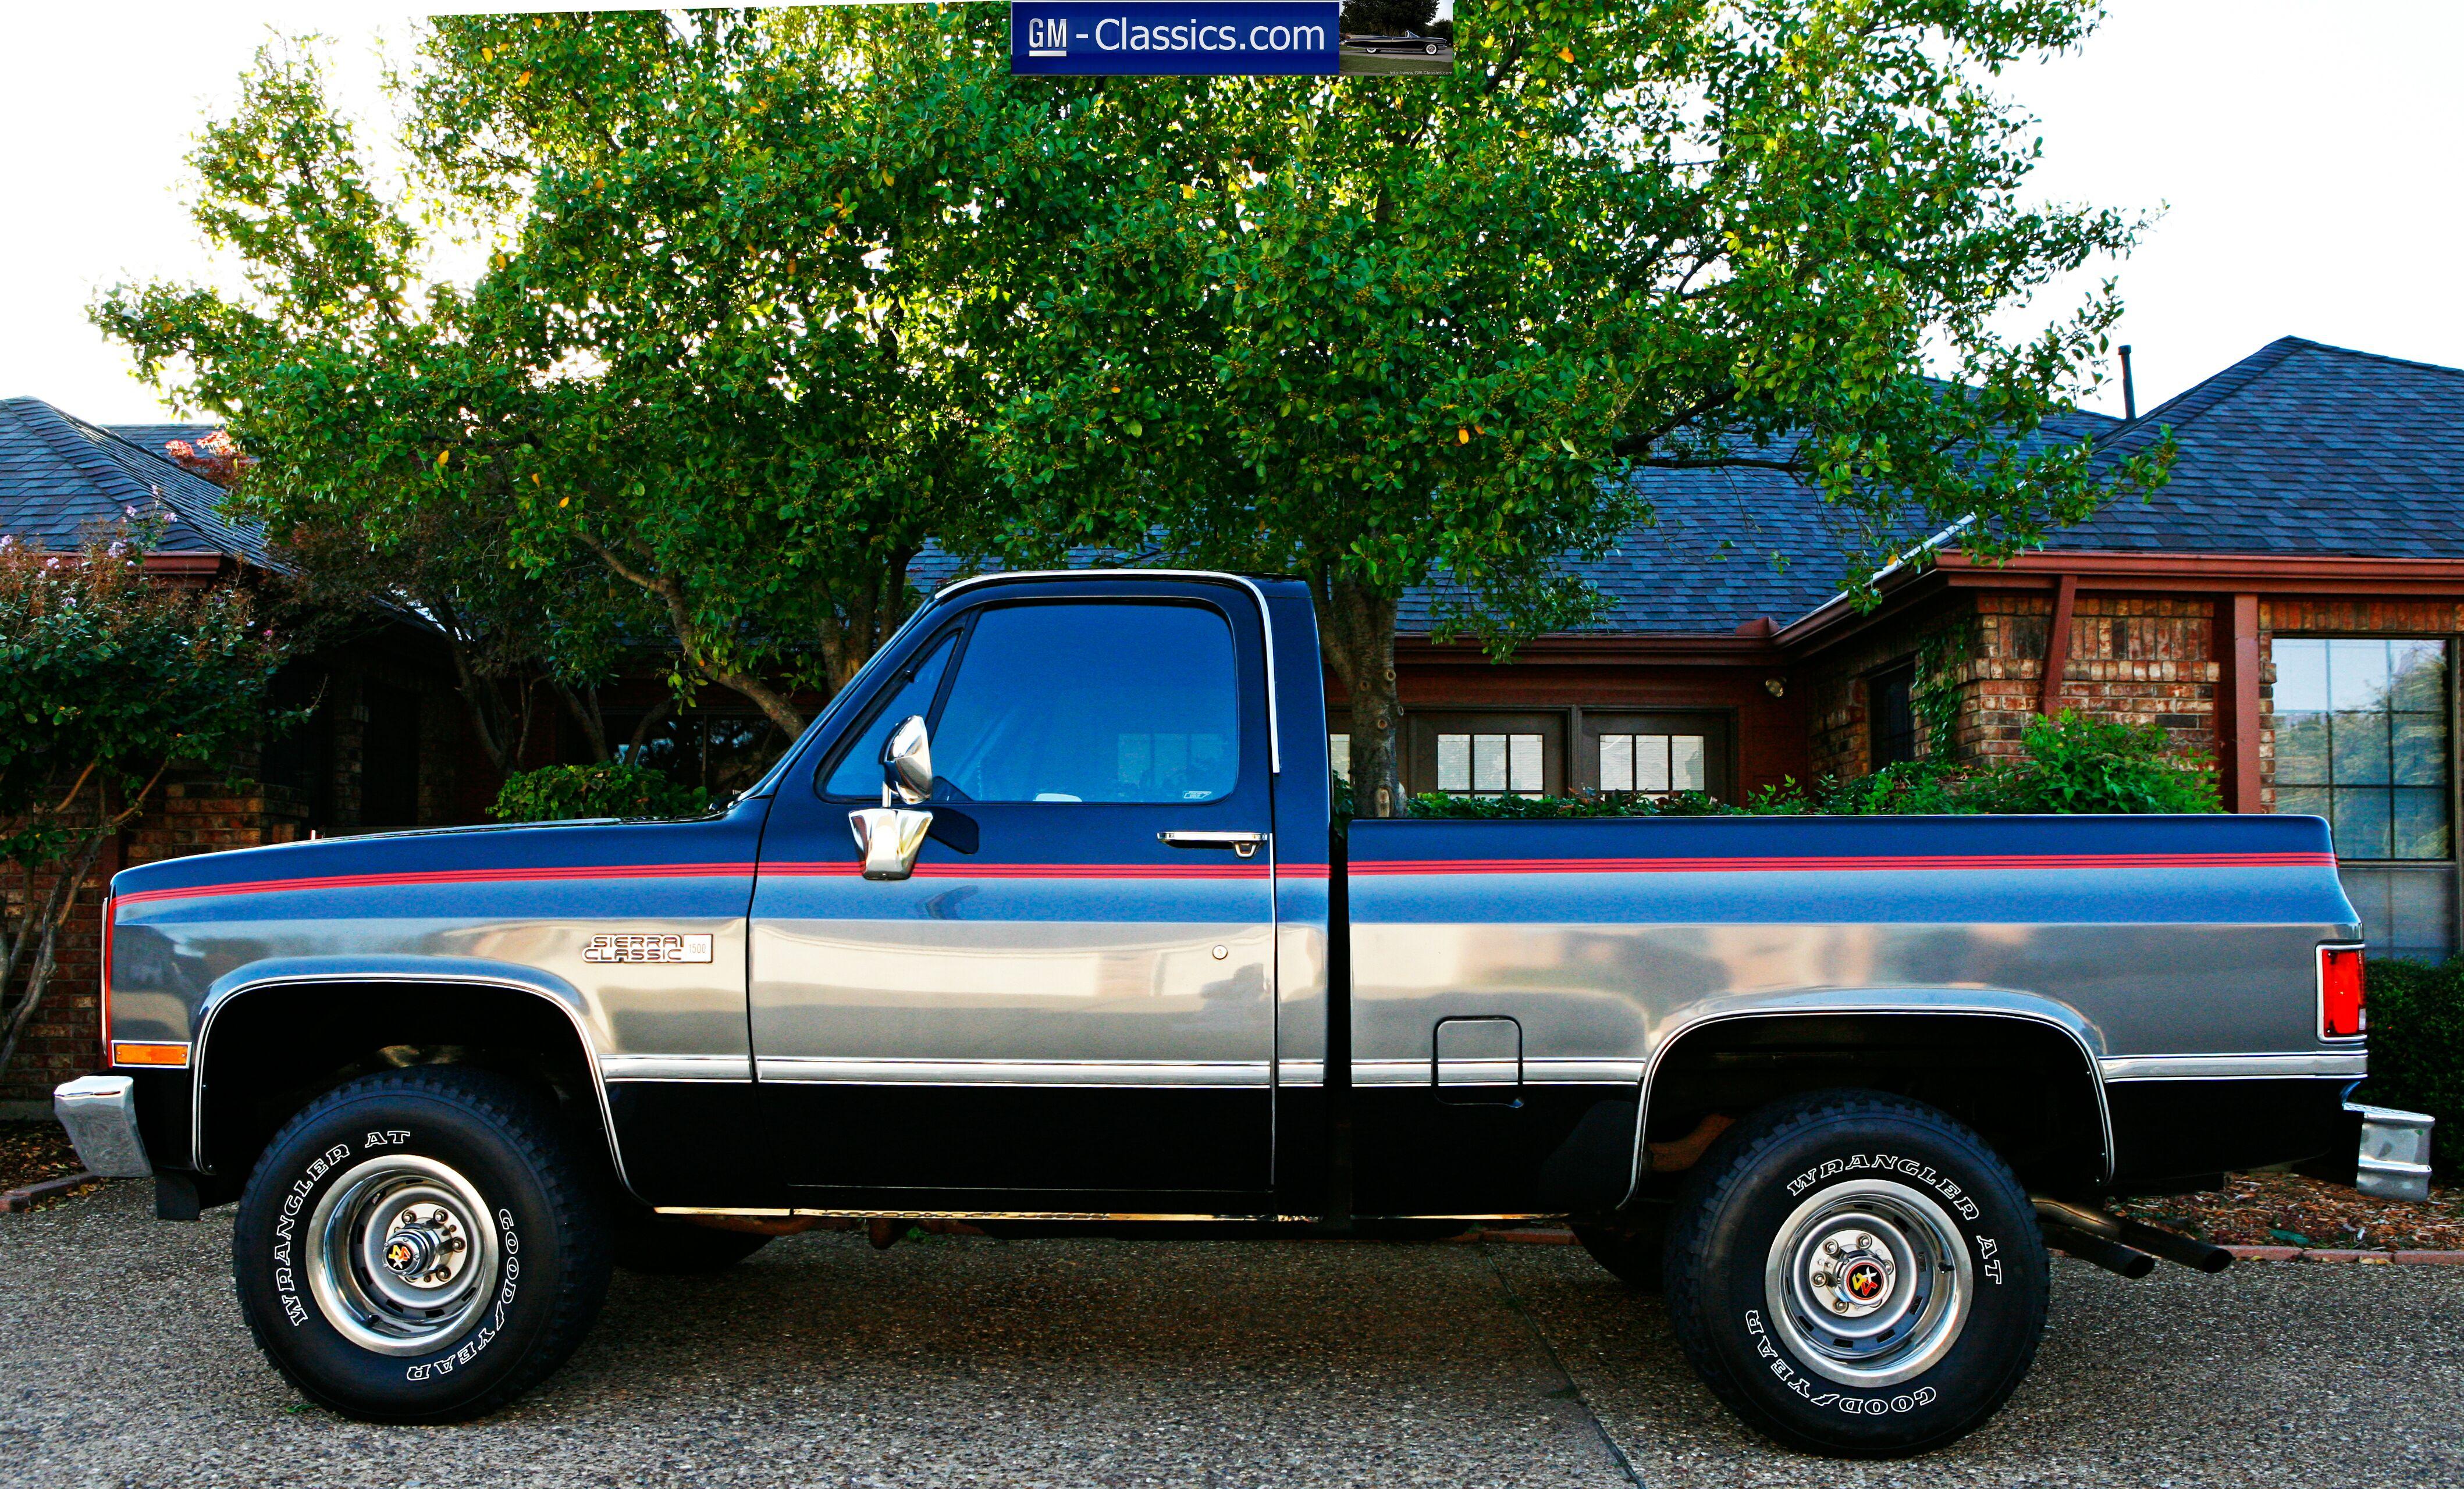 Gmc Truck For Sale >> 1987 GMC Sierra Classic - Matt Garrett